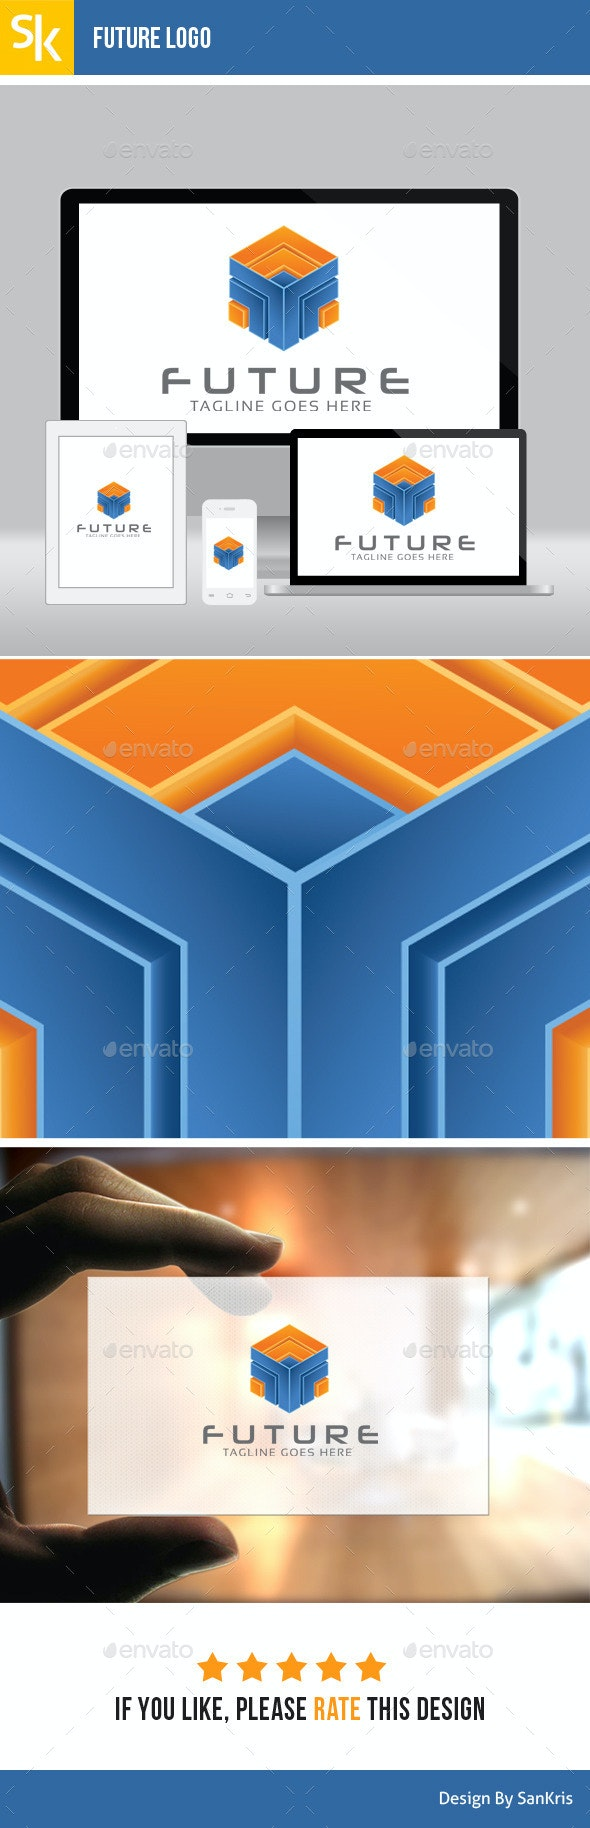 Future Logo - Abstract Logo Templates